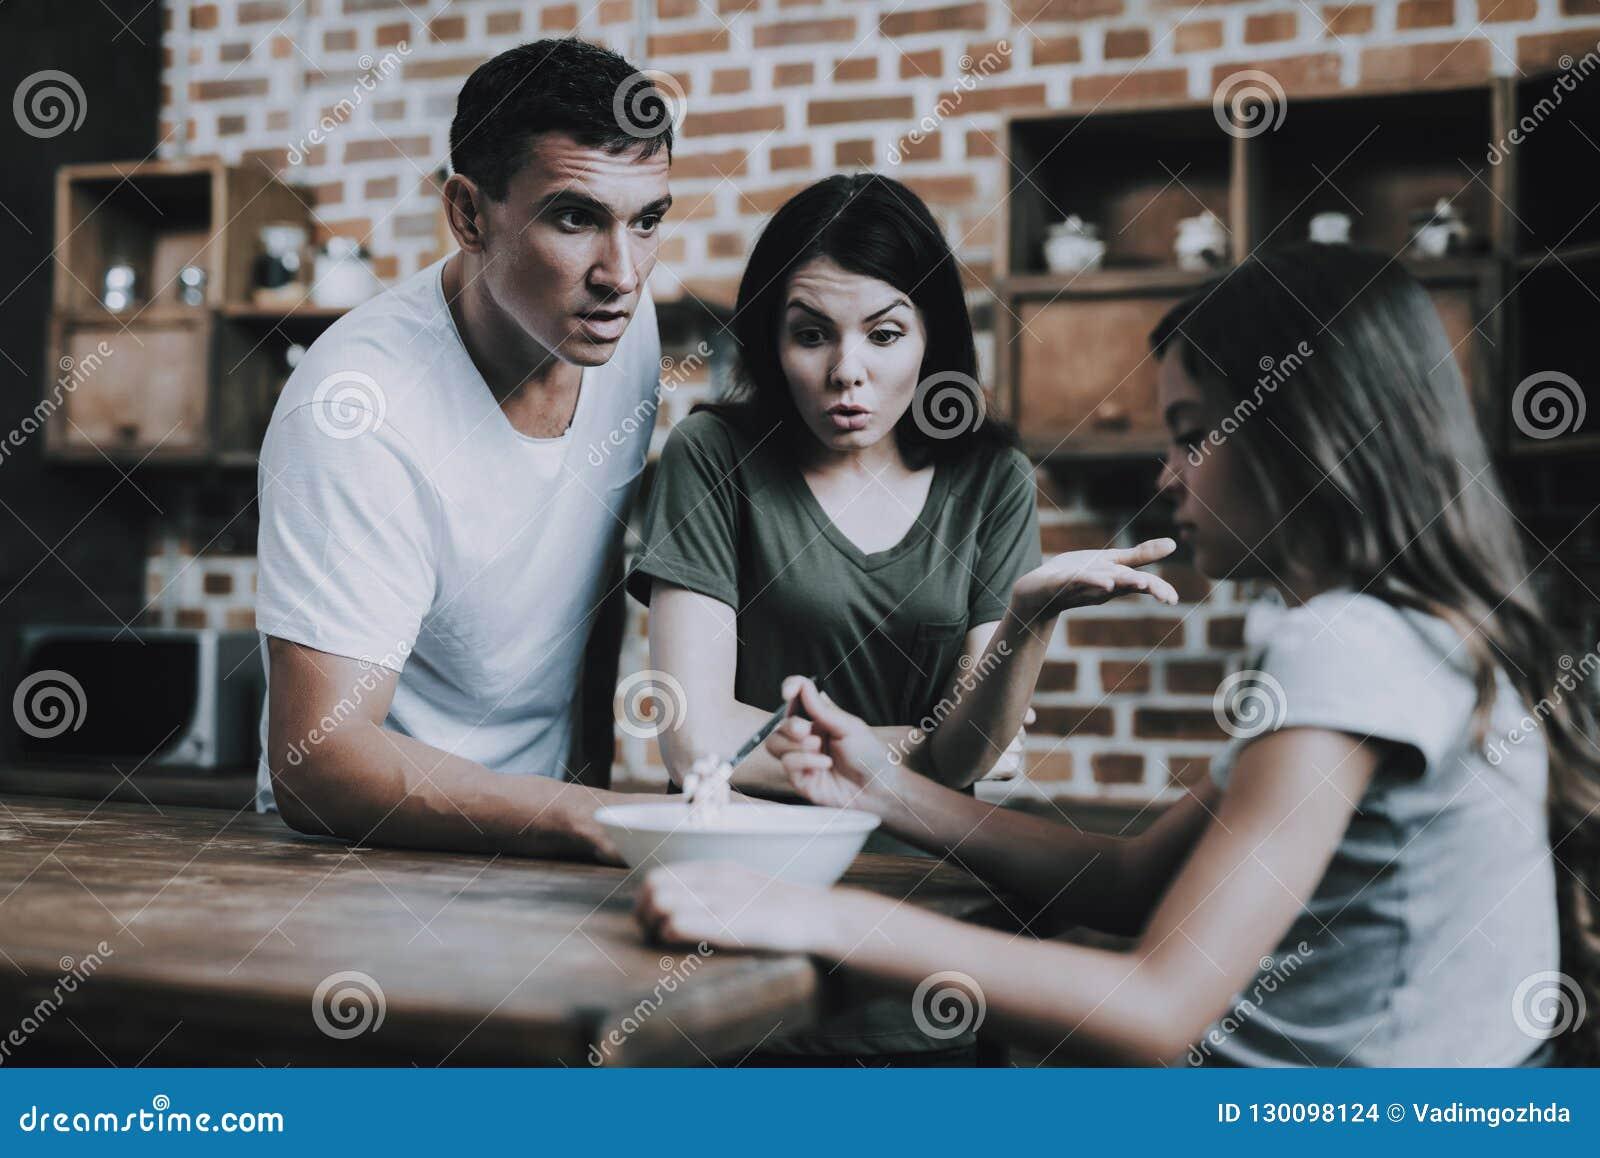 Föräldrar grälar på flickan som undviker att äta frukosten